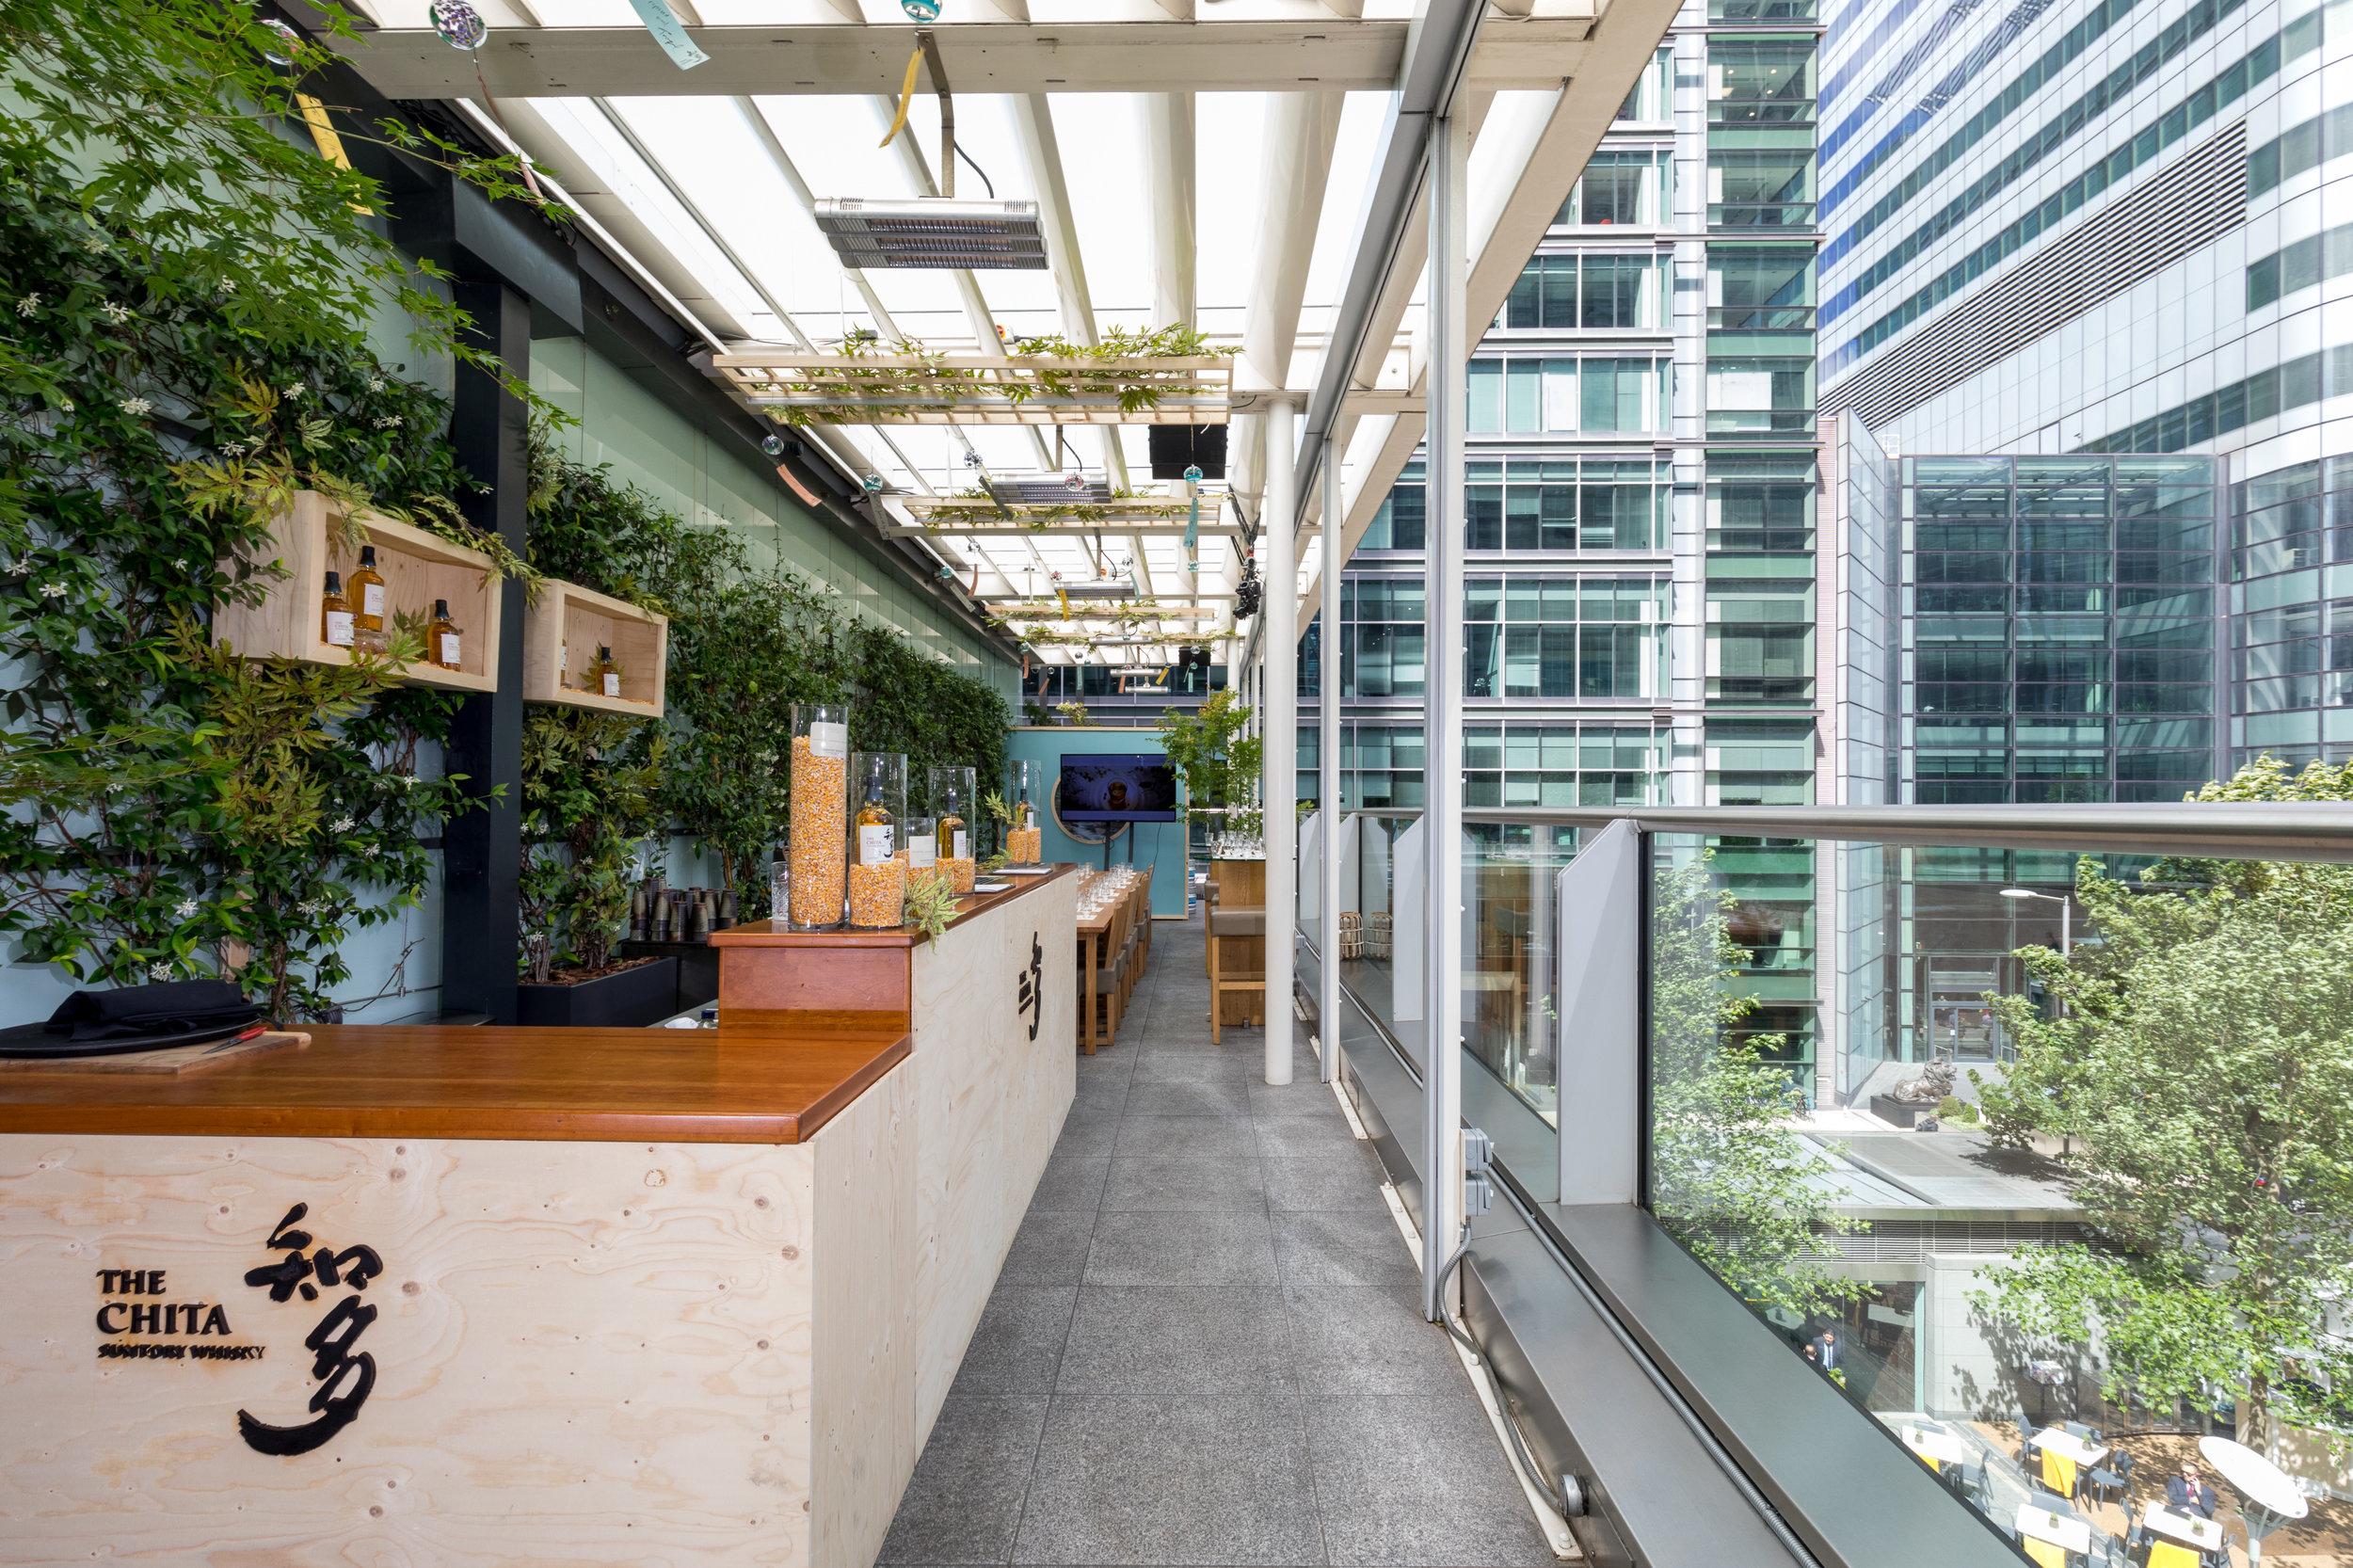 Terrace - Suntory Chita Terrace at ROKA Canary Wharf.jpg